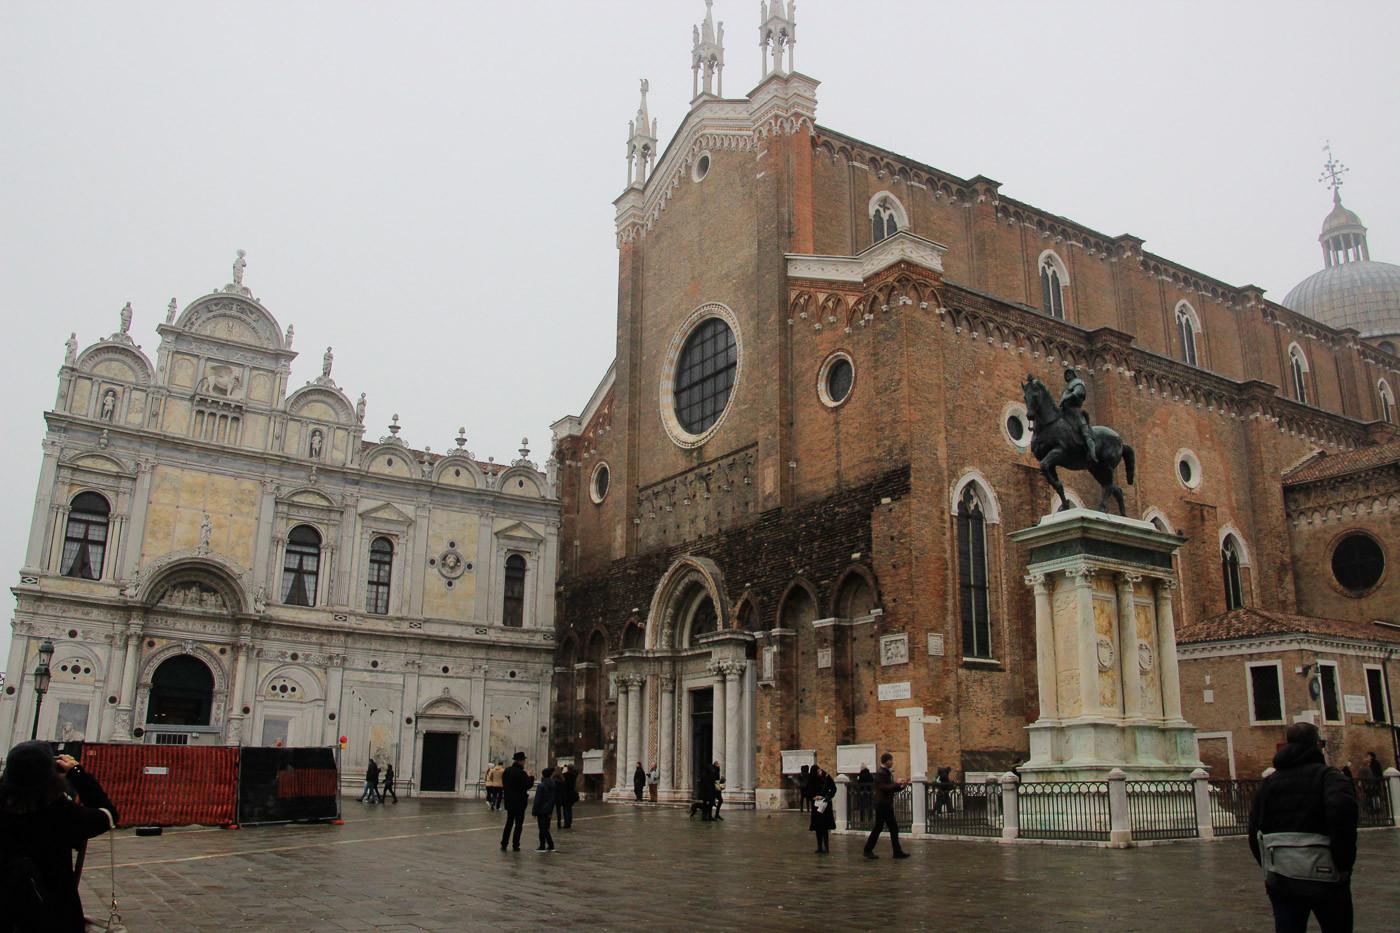 Scuola y Basílica de San Giovanni e Paolo